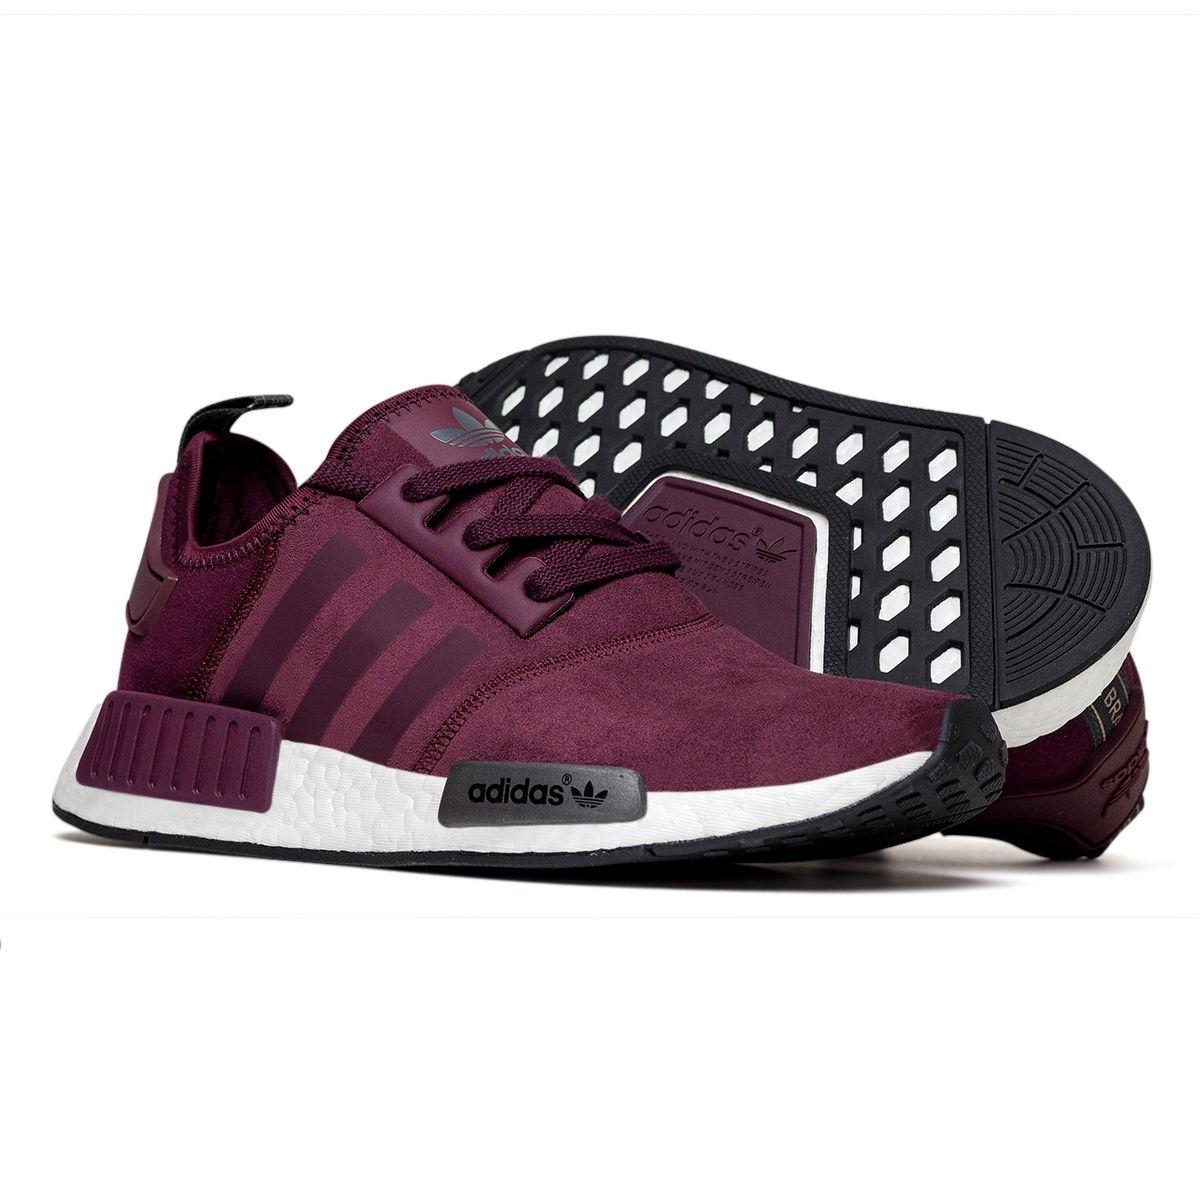 Adidas NMD Runner Feminino Burgundy | shoes. | Pinterest ...